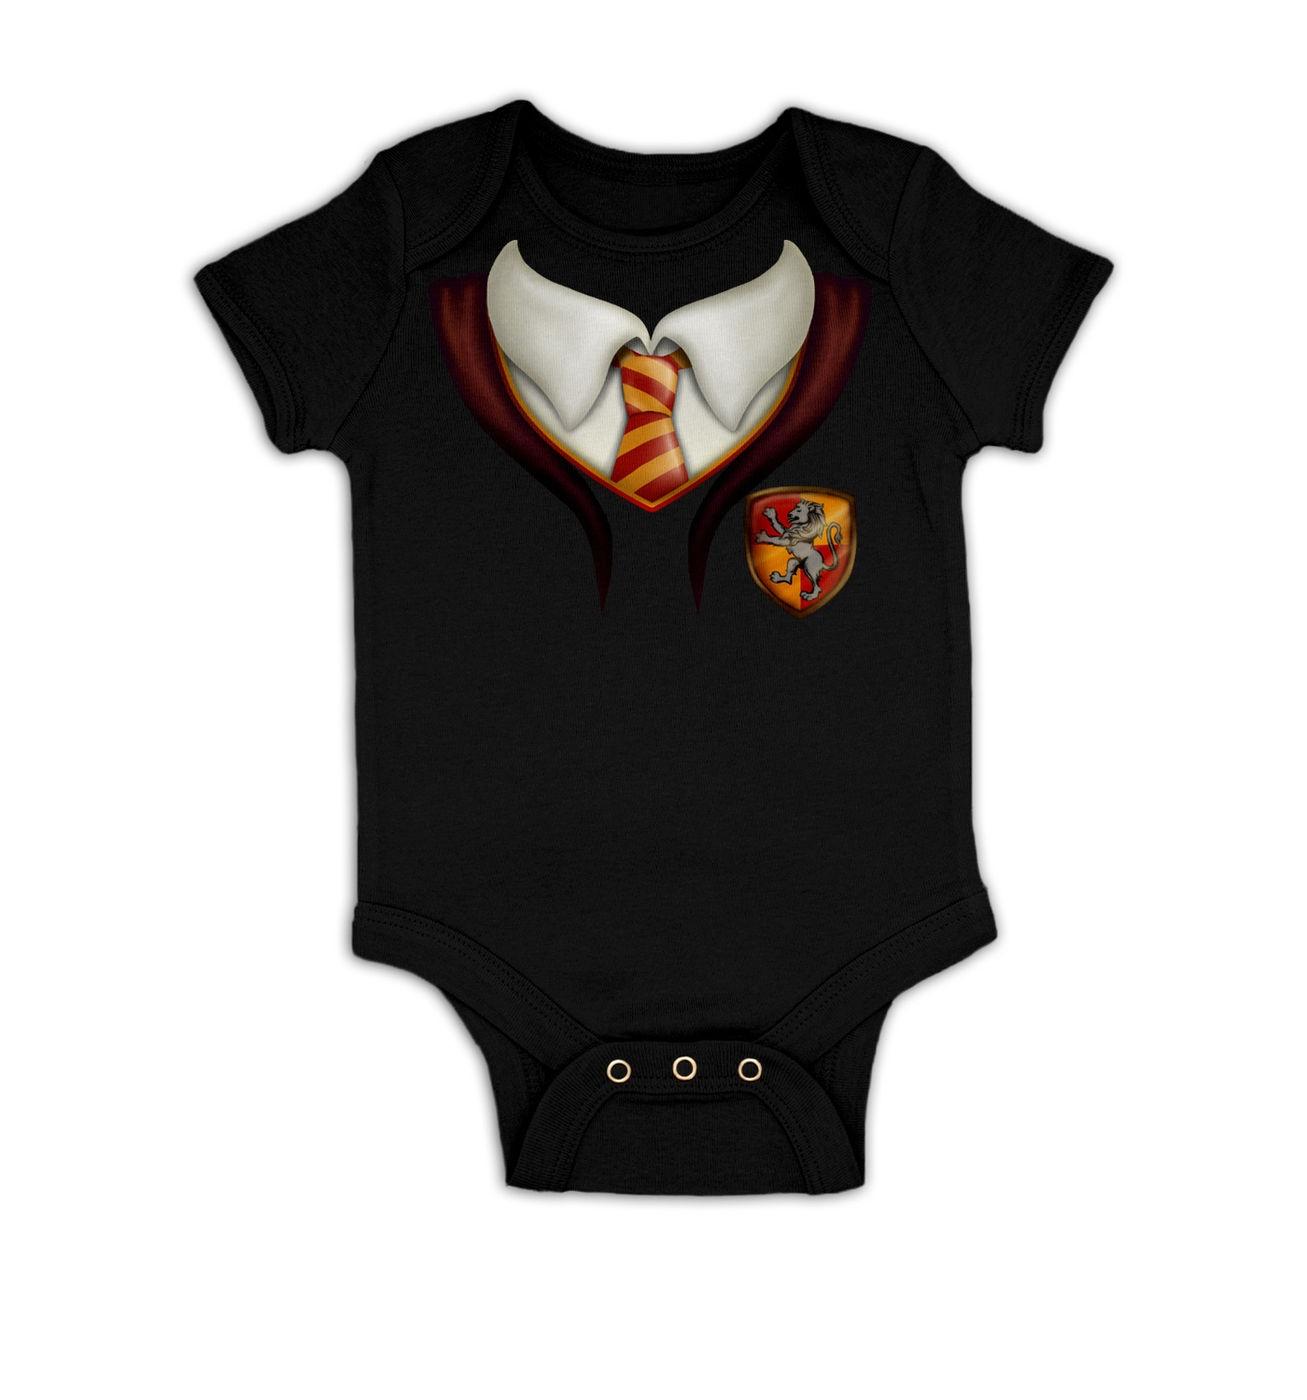 Wizards Apprentice Costume baby grow